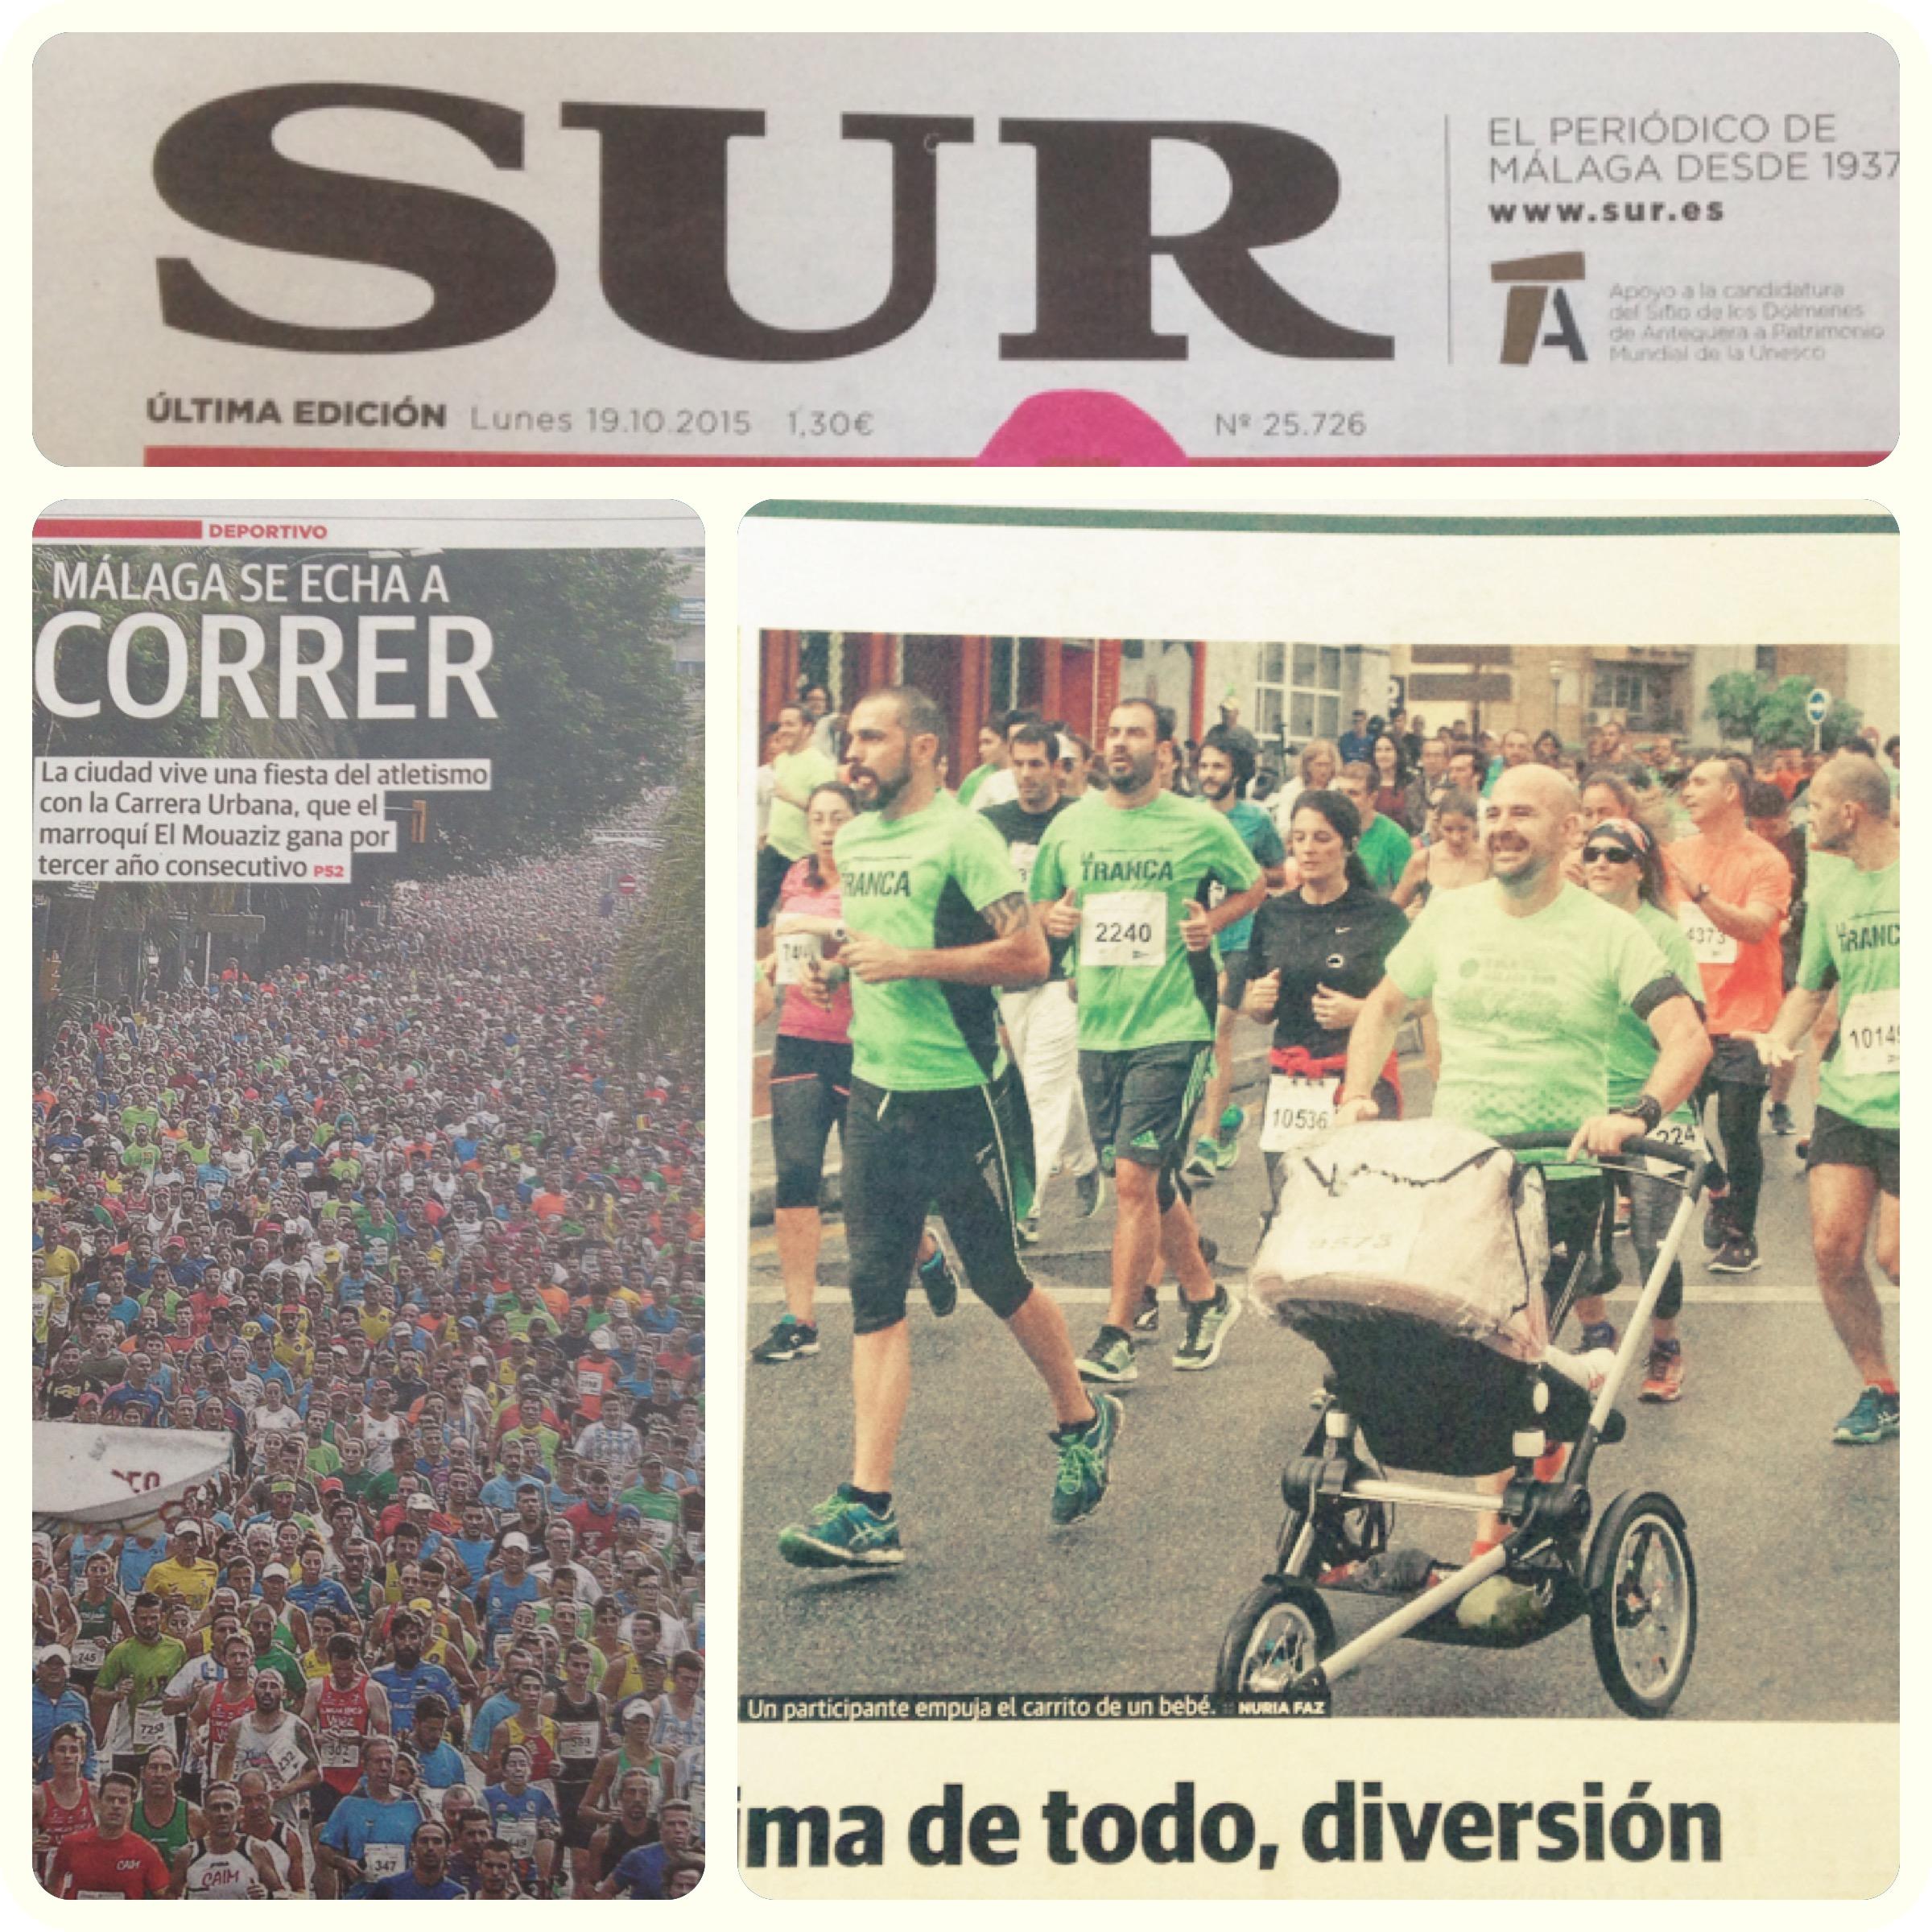 La_Tranca_Málaga_runners_trancosos_CorteIngles